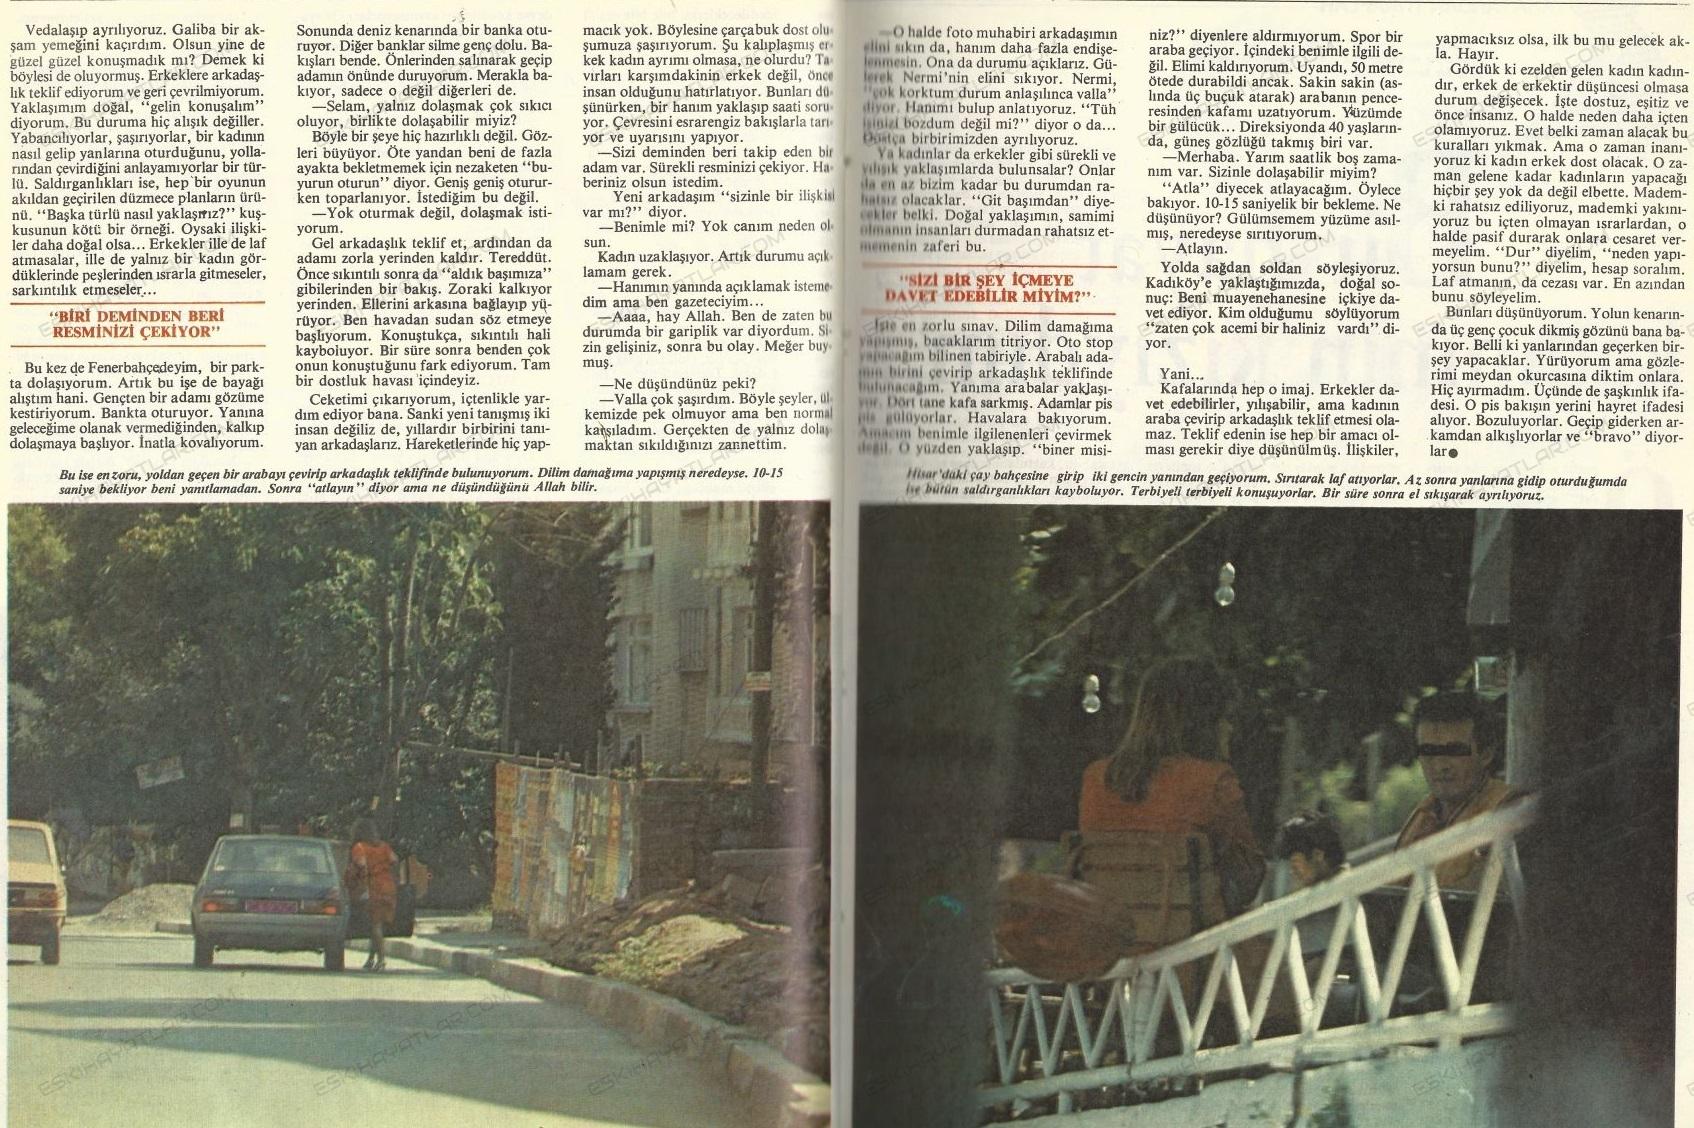 0584-benimle-arkadas-olur-musunuz-1984-kadinca-dergisi-roportaji (1)